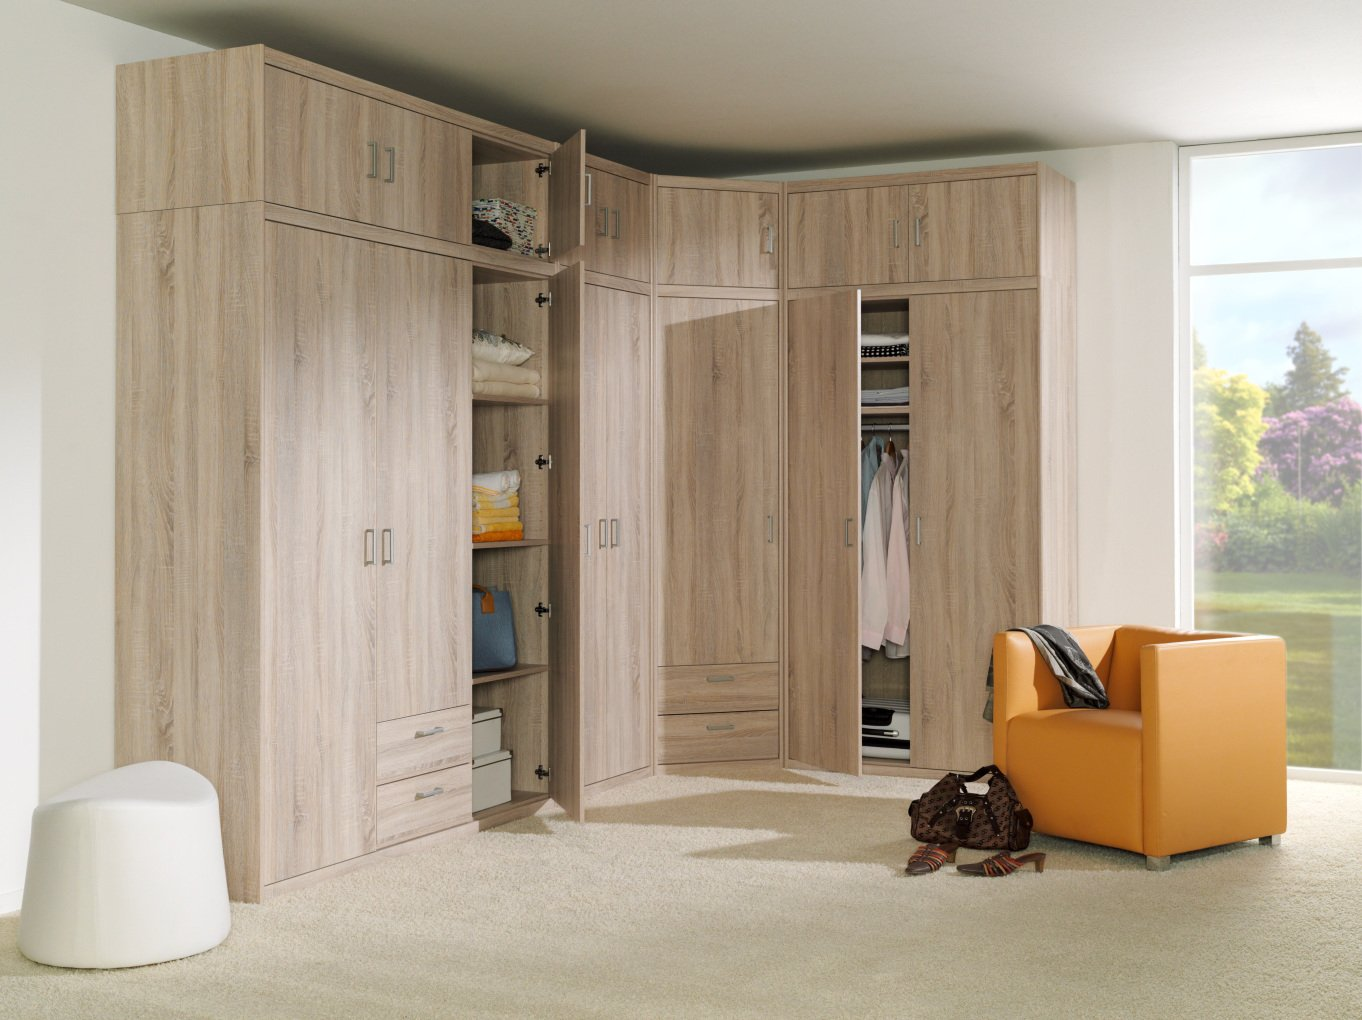 ahorn kleiderschr nke schlafzimmer romantik mit. Black Bedroom Furniture Sets. Home Design Ideas